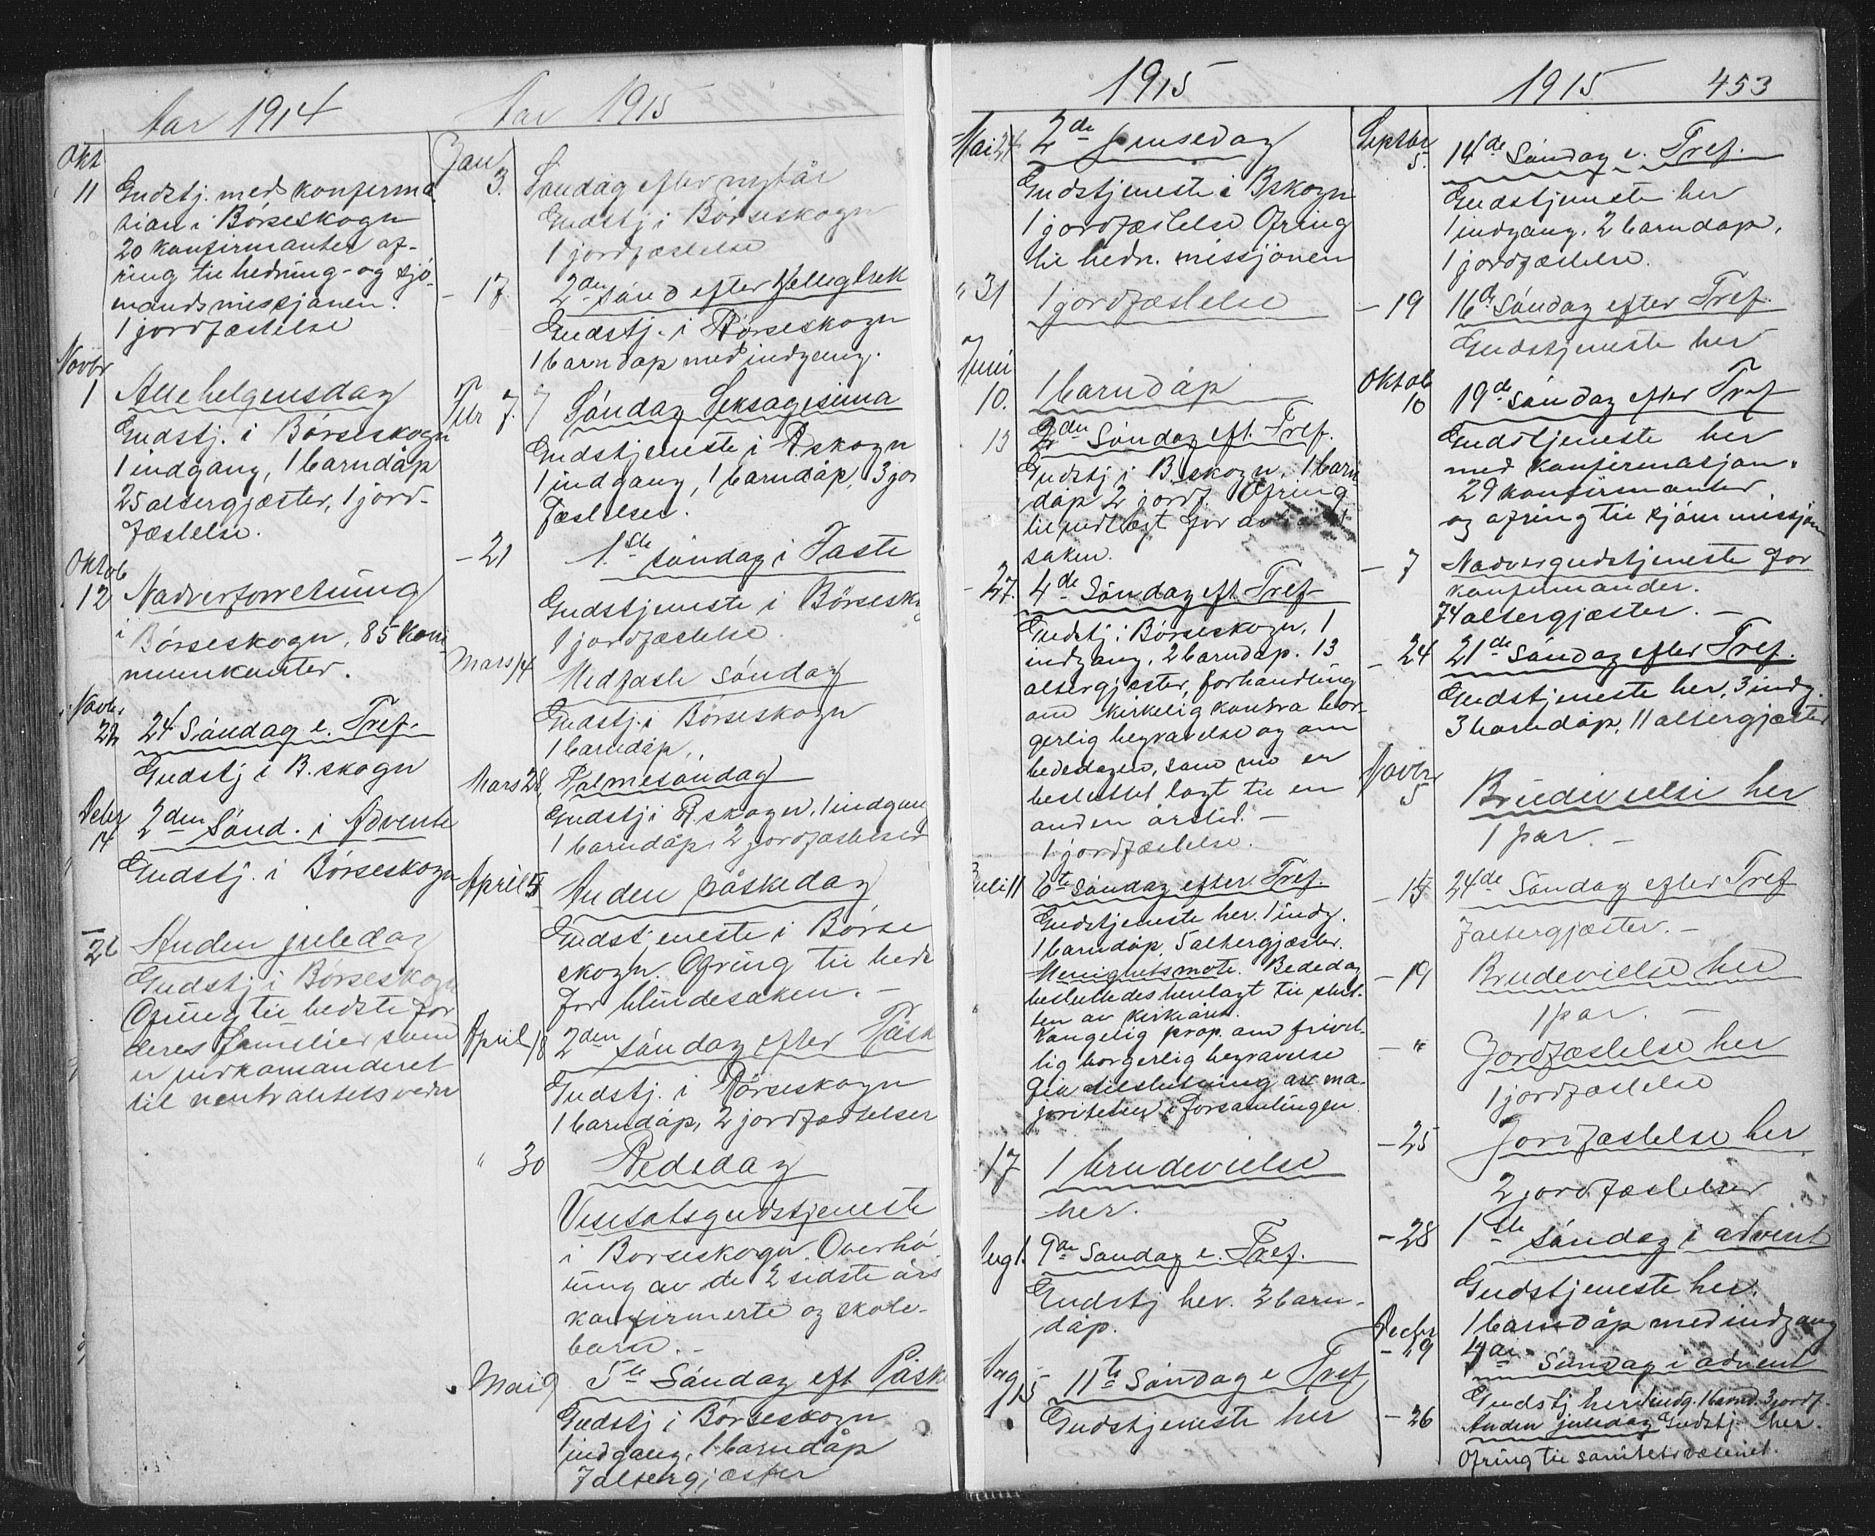 SAT, Ministerialprotokoller, klokkerbøker og fødselsregistre - Sør-Trøndelag, 667/L0798: Klokkerbok nr. 667C03, 1867-1929, s. 453